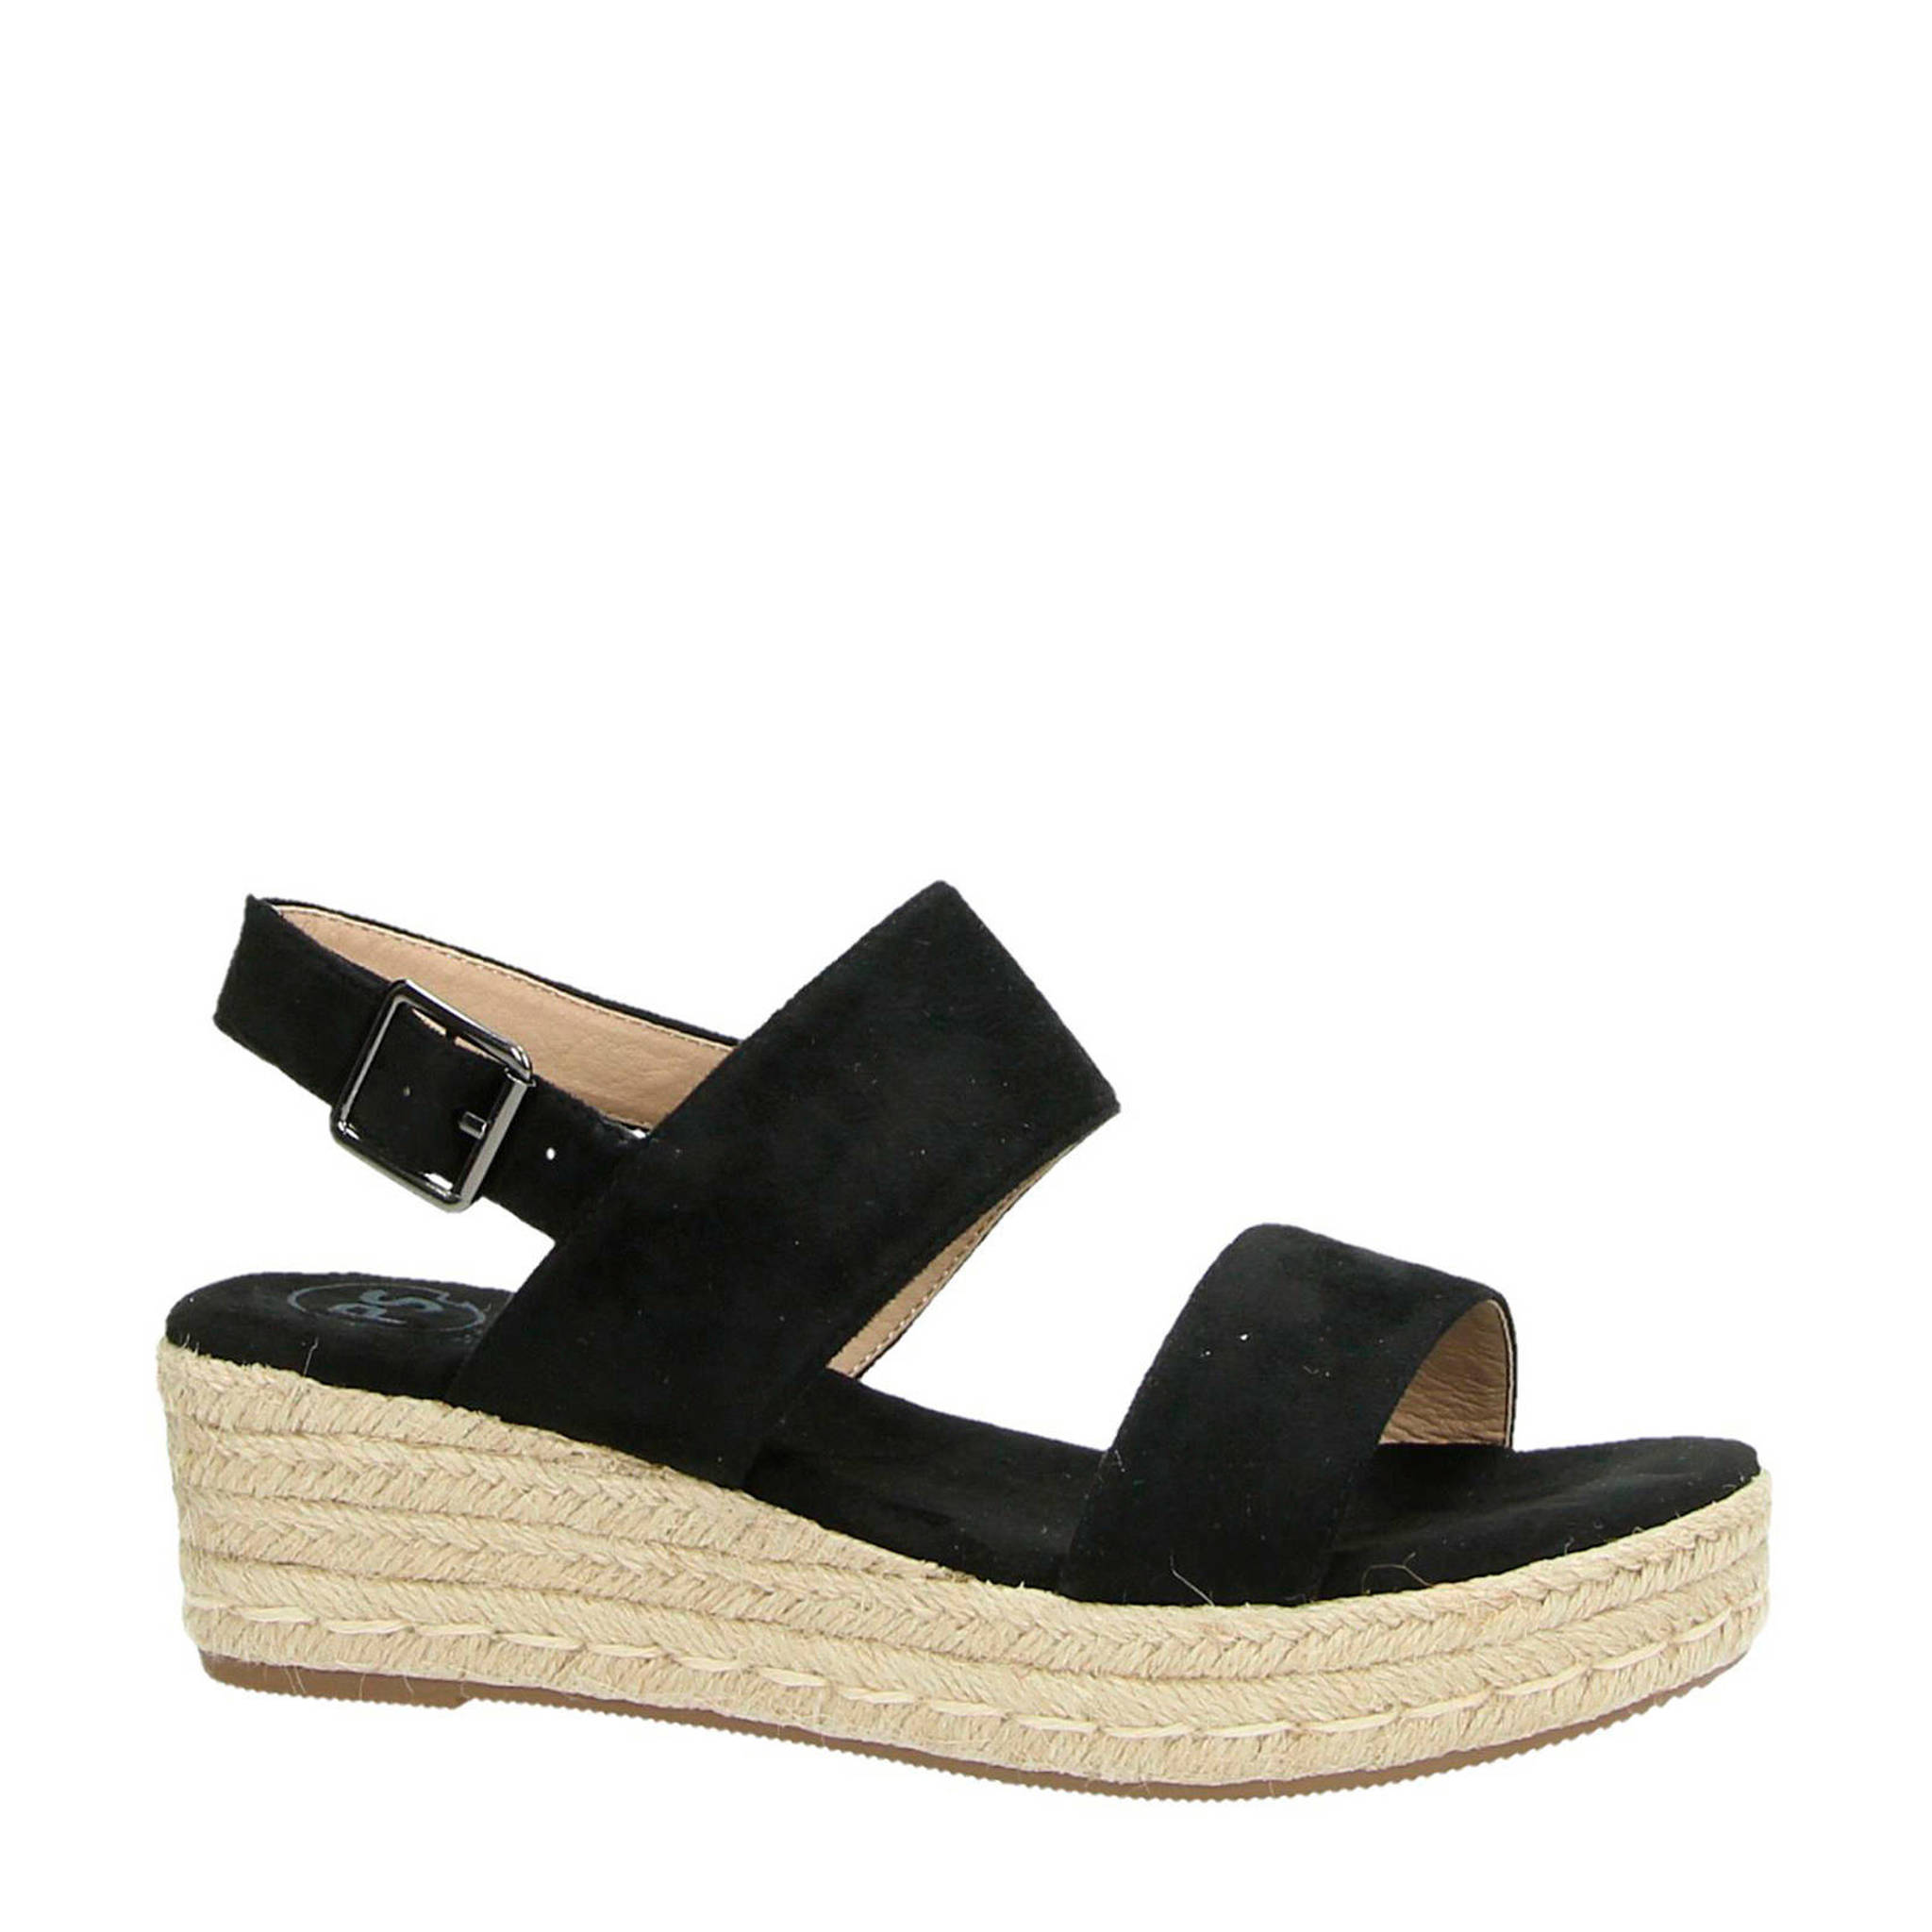 Entdecken Sie die neuesten Trends begrenzter Preis wo zu kaufen plateau sandalen zwart